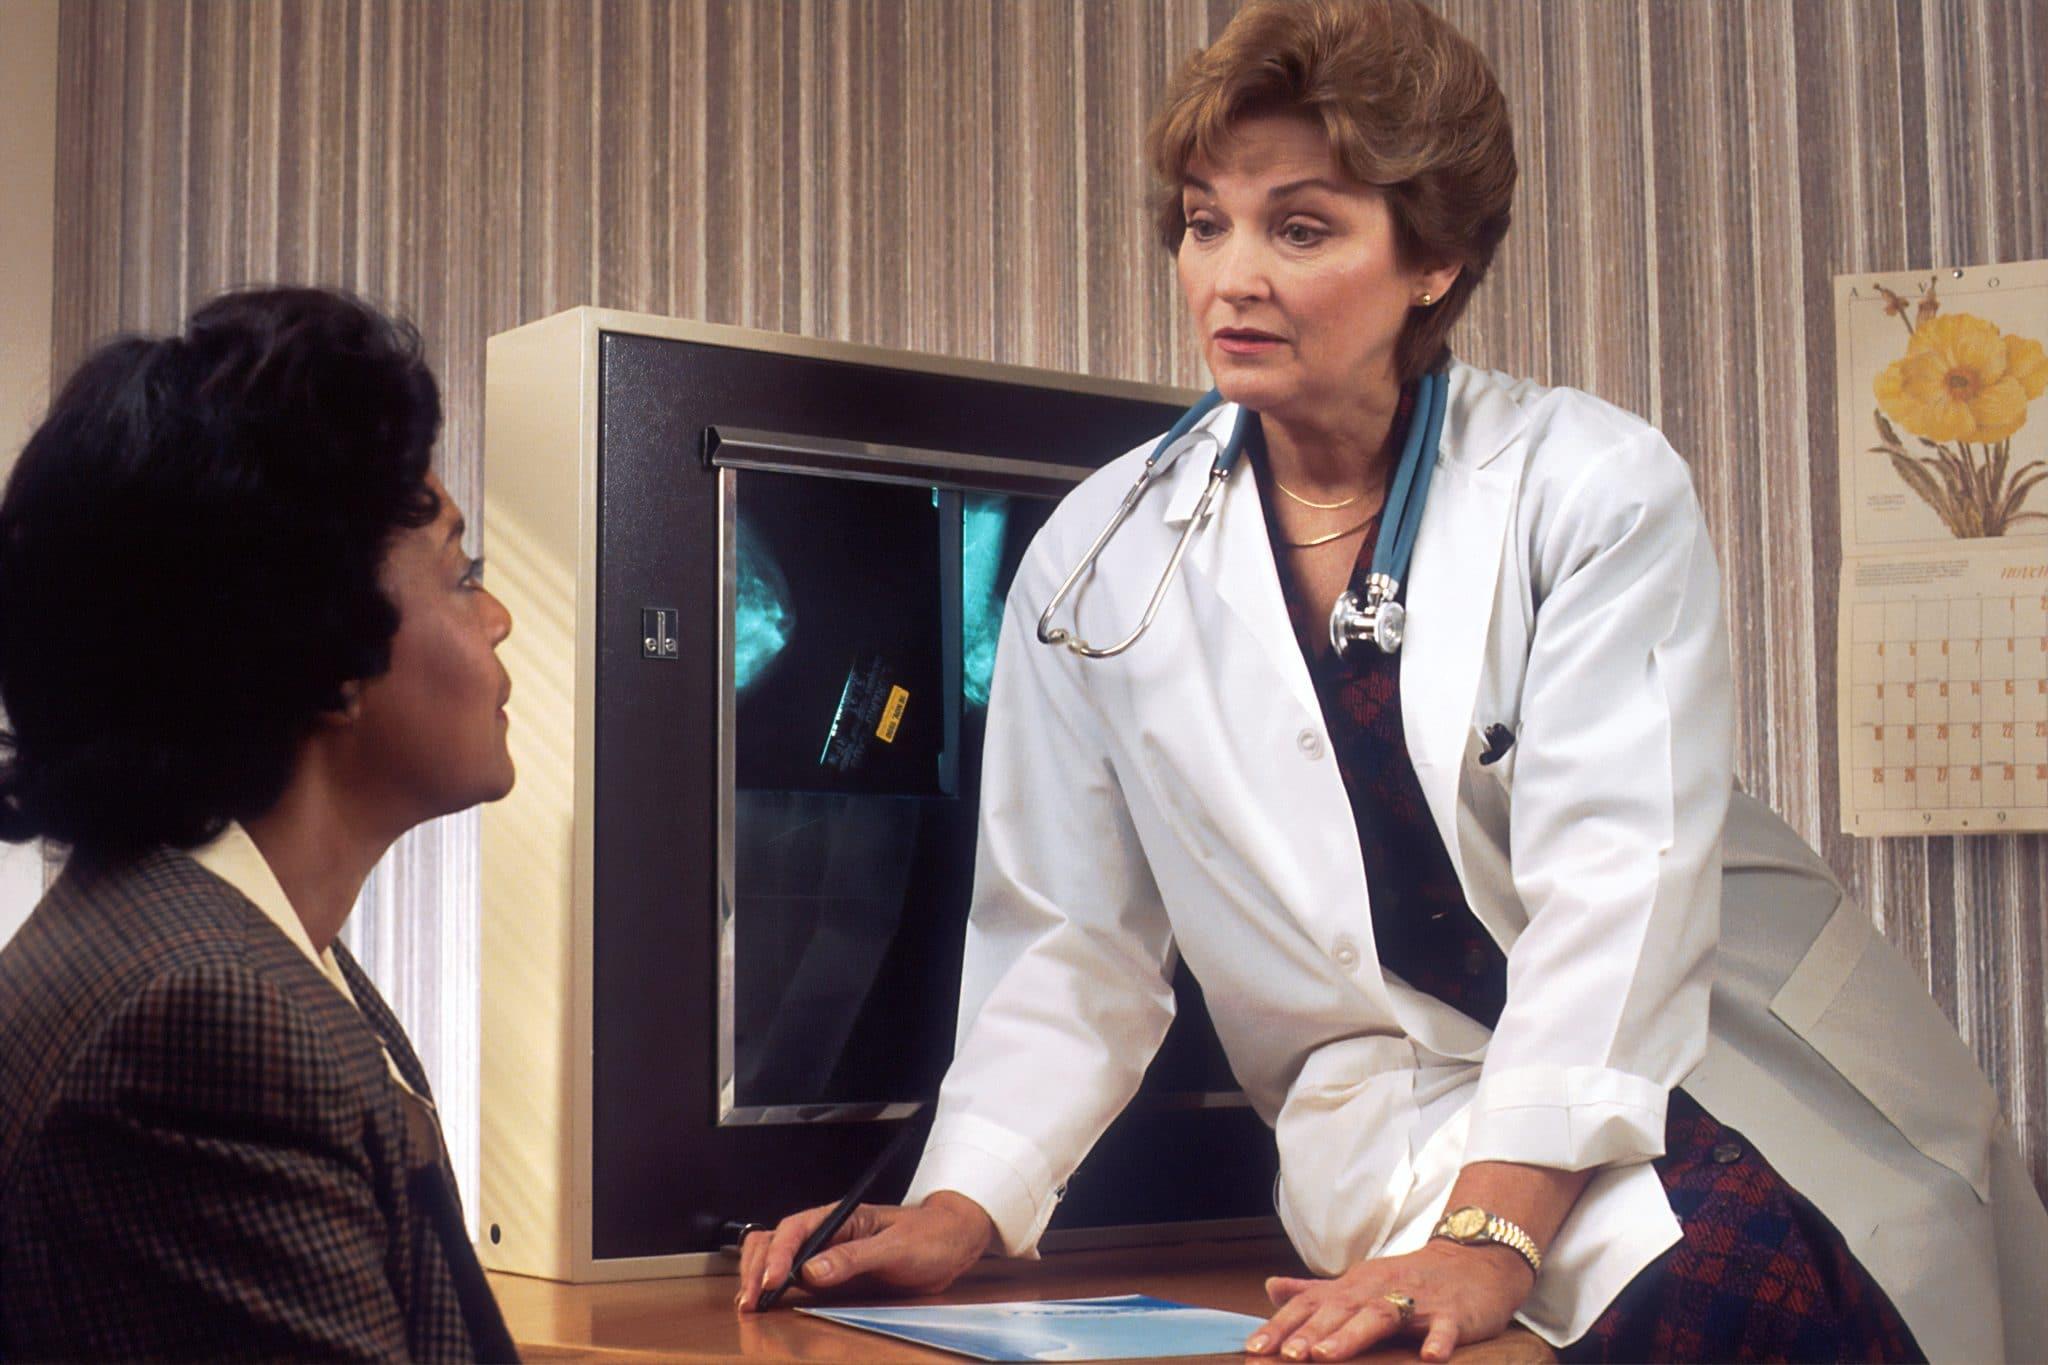 Un medico parla con il paziente: da vari studi si è stabilito quanto sia probabile nascondere la verità al medico